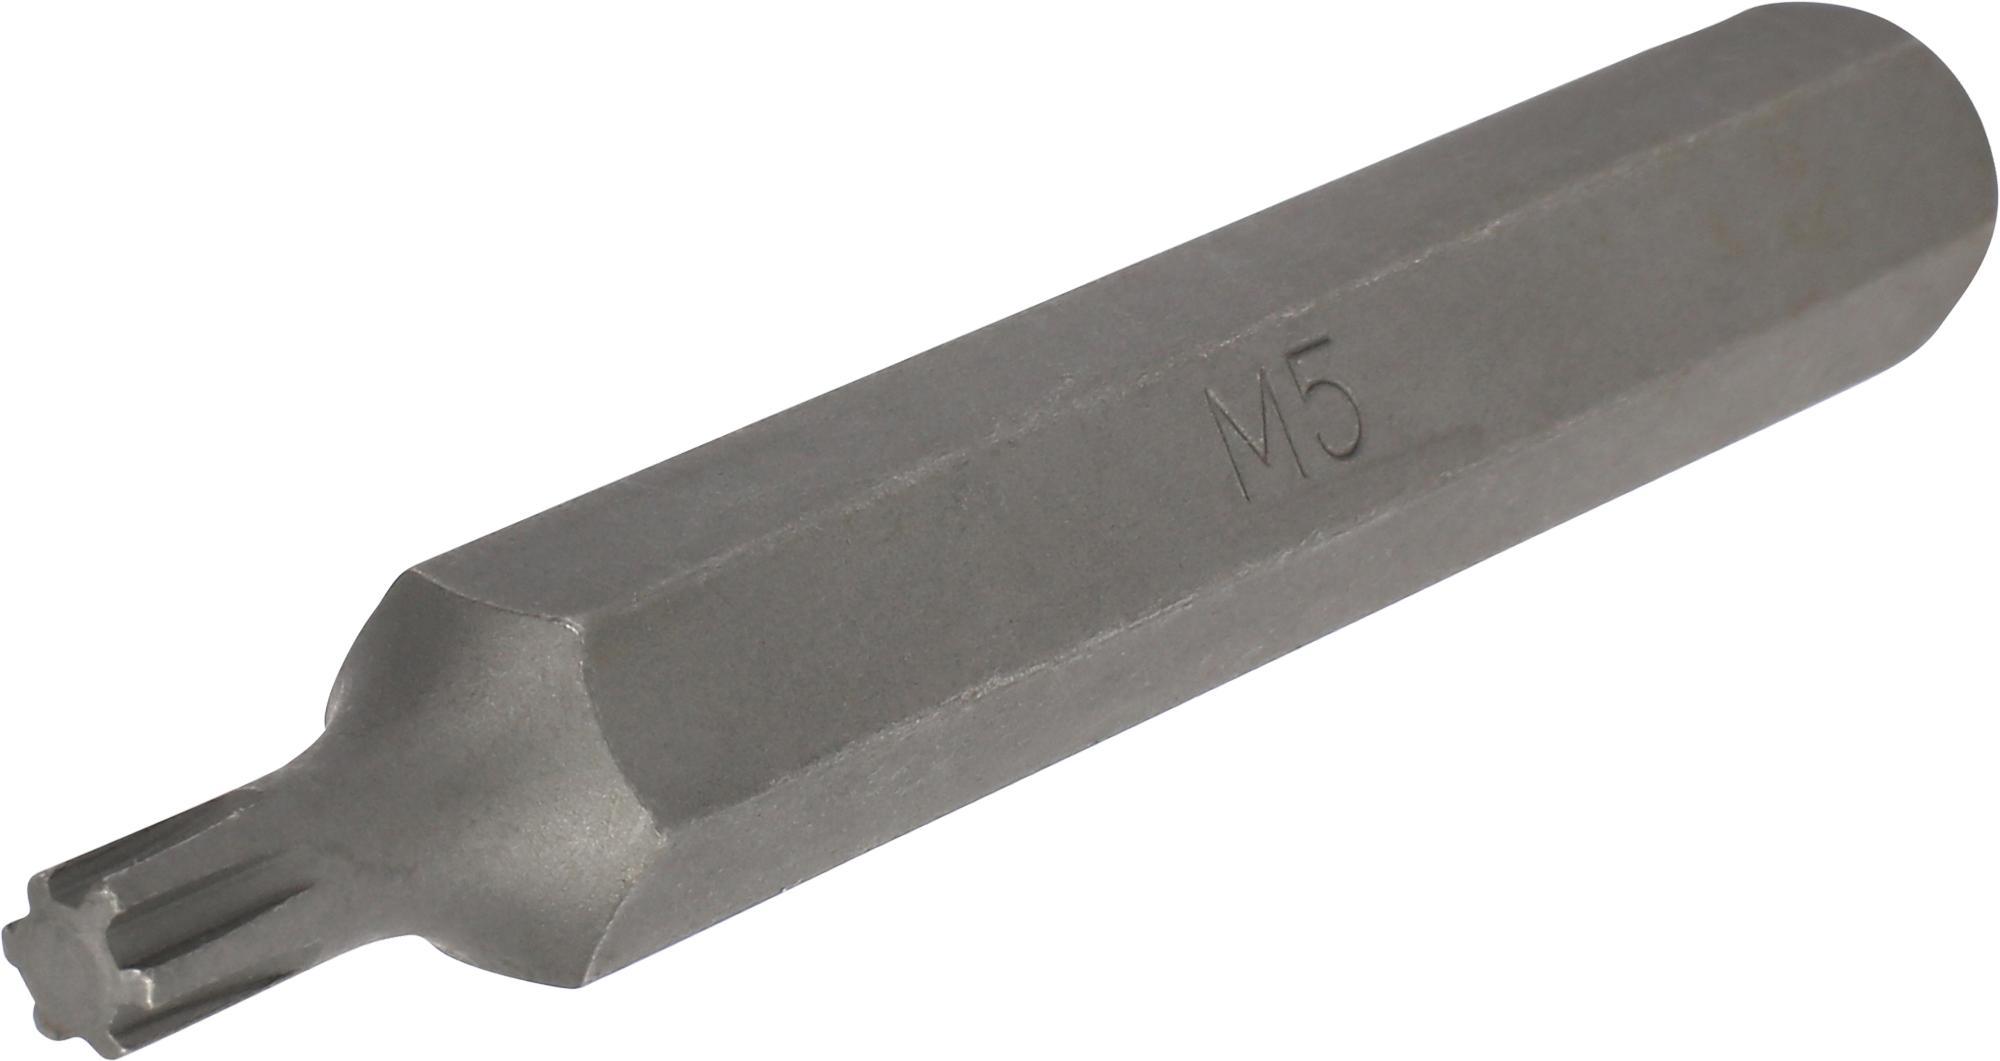 Bit, 10 mm 6-hran, Keilnut M5x75 mm